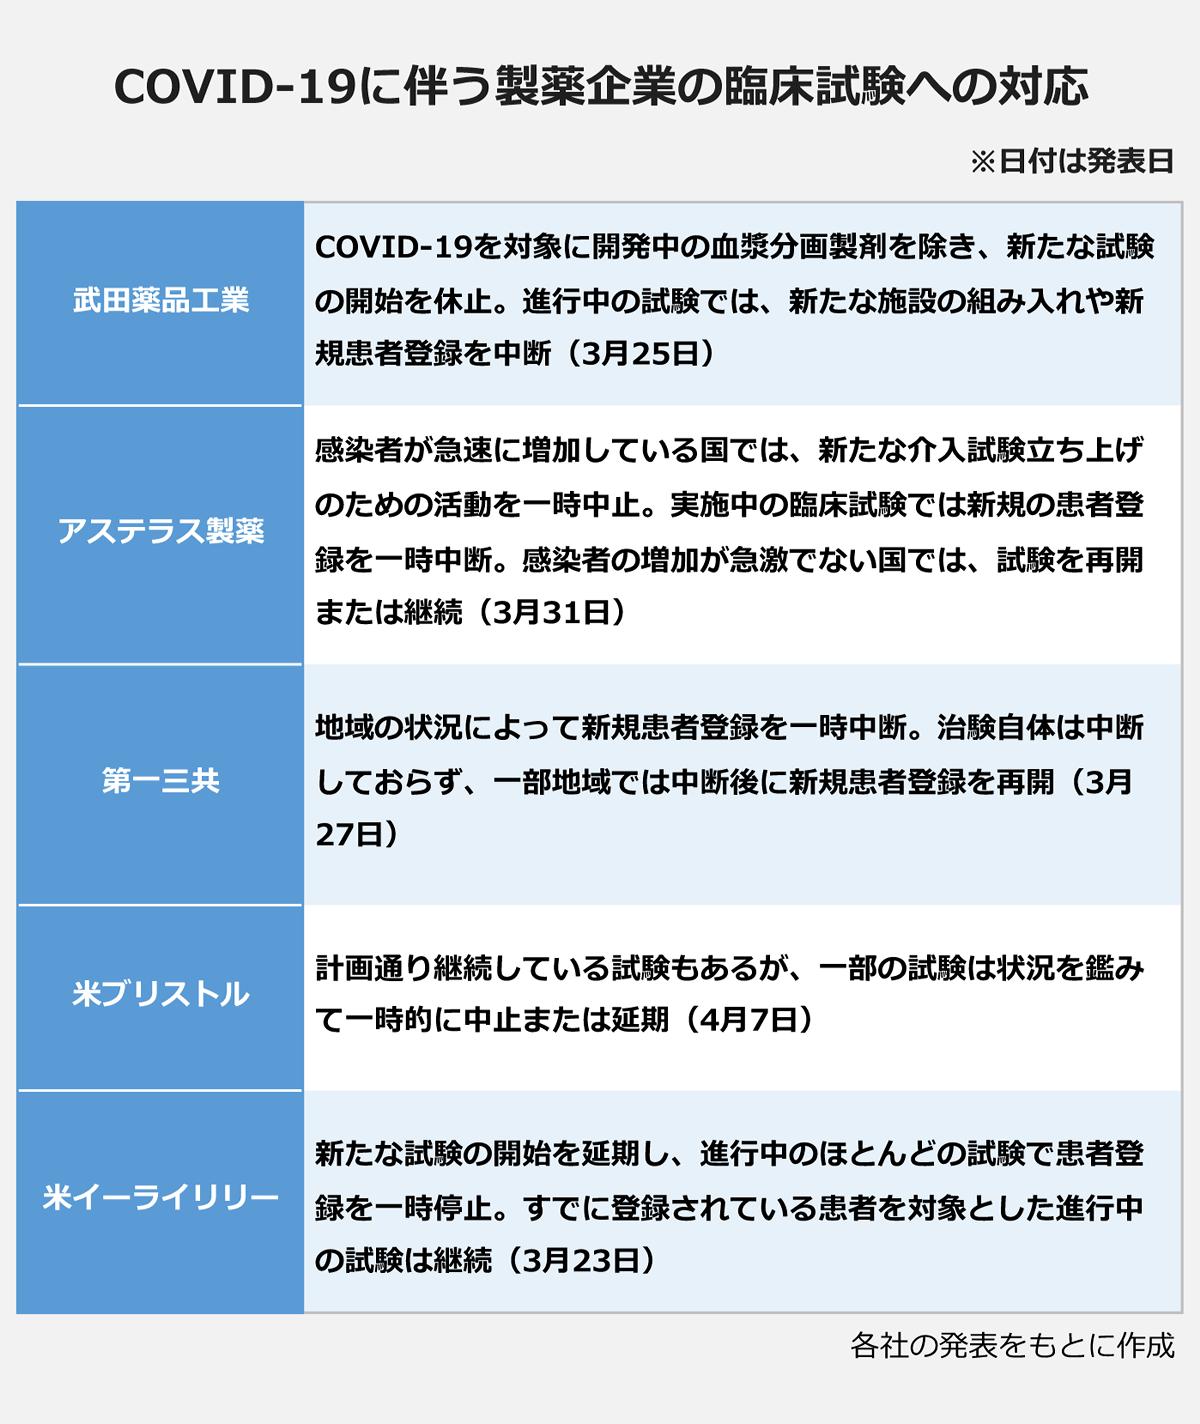 【COVID-19に伴う製薬企業の臨床試験への対応】(※日付は発表日): <武田薬品工業>COVID-19を対象に開発中の血漿分画製剤を除き、新たな試験の開始を休止。進行中の試験では、新たな施設の組み入れや新規患者登録を中断(3月25日)| <アステラス製薬>感染者が急速に増加している国では、新たな介入試験立ち上げのための活動を一時中止。実施中の臨床試験では新規の患者登録を一時中断。感染者の増加が急激でない国では、試験を再開または継続(3月31日)| <第一三共>地域の状況によって新規患者登録を一時中断。治験自体は中断しておらず、一部地域では中断後に新規患者登録を再開(3月27日)| <米ブリストル>計画通り継続している試験もあるが、一部の試験は状況を鑑みて一時的に中止または延期(4月7日)| <米イーライリリー>新たな試験の開始を延期し、進行中のほとんどの試験で患者登録を一時停止。すでに登録されている患者を対象とした進行中の試験は継続(3月23日)| ※各社の発表をもとに作成